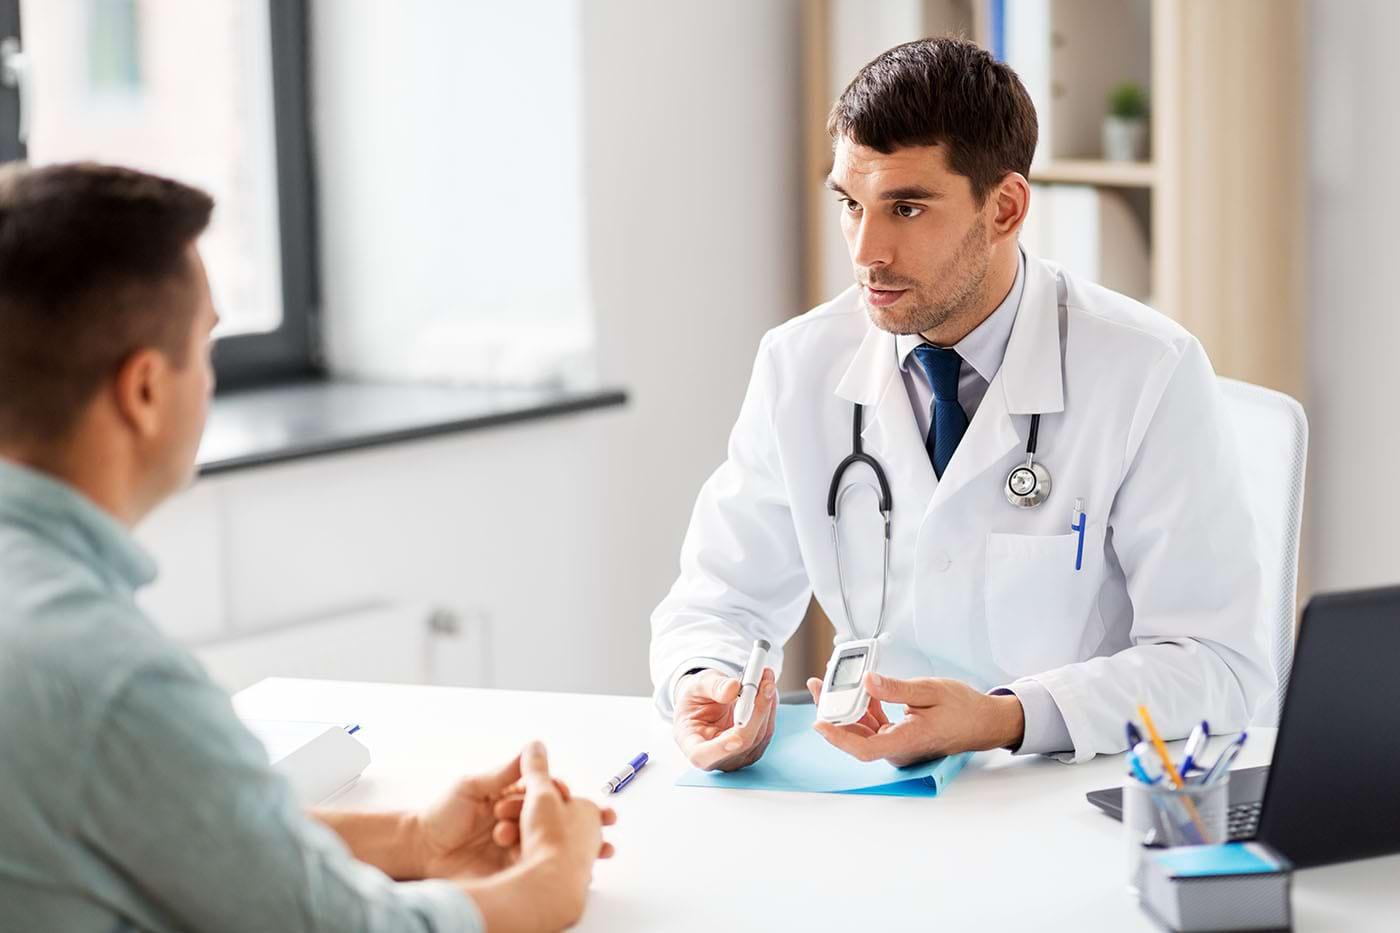 Diabet de tip 2 la vârste mai tinere, risc crescut de boli cardiovasculare? [studiu]